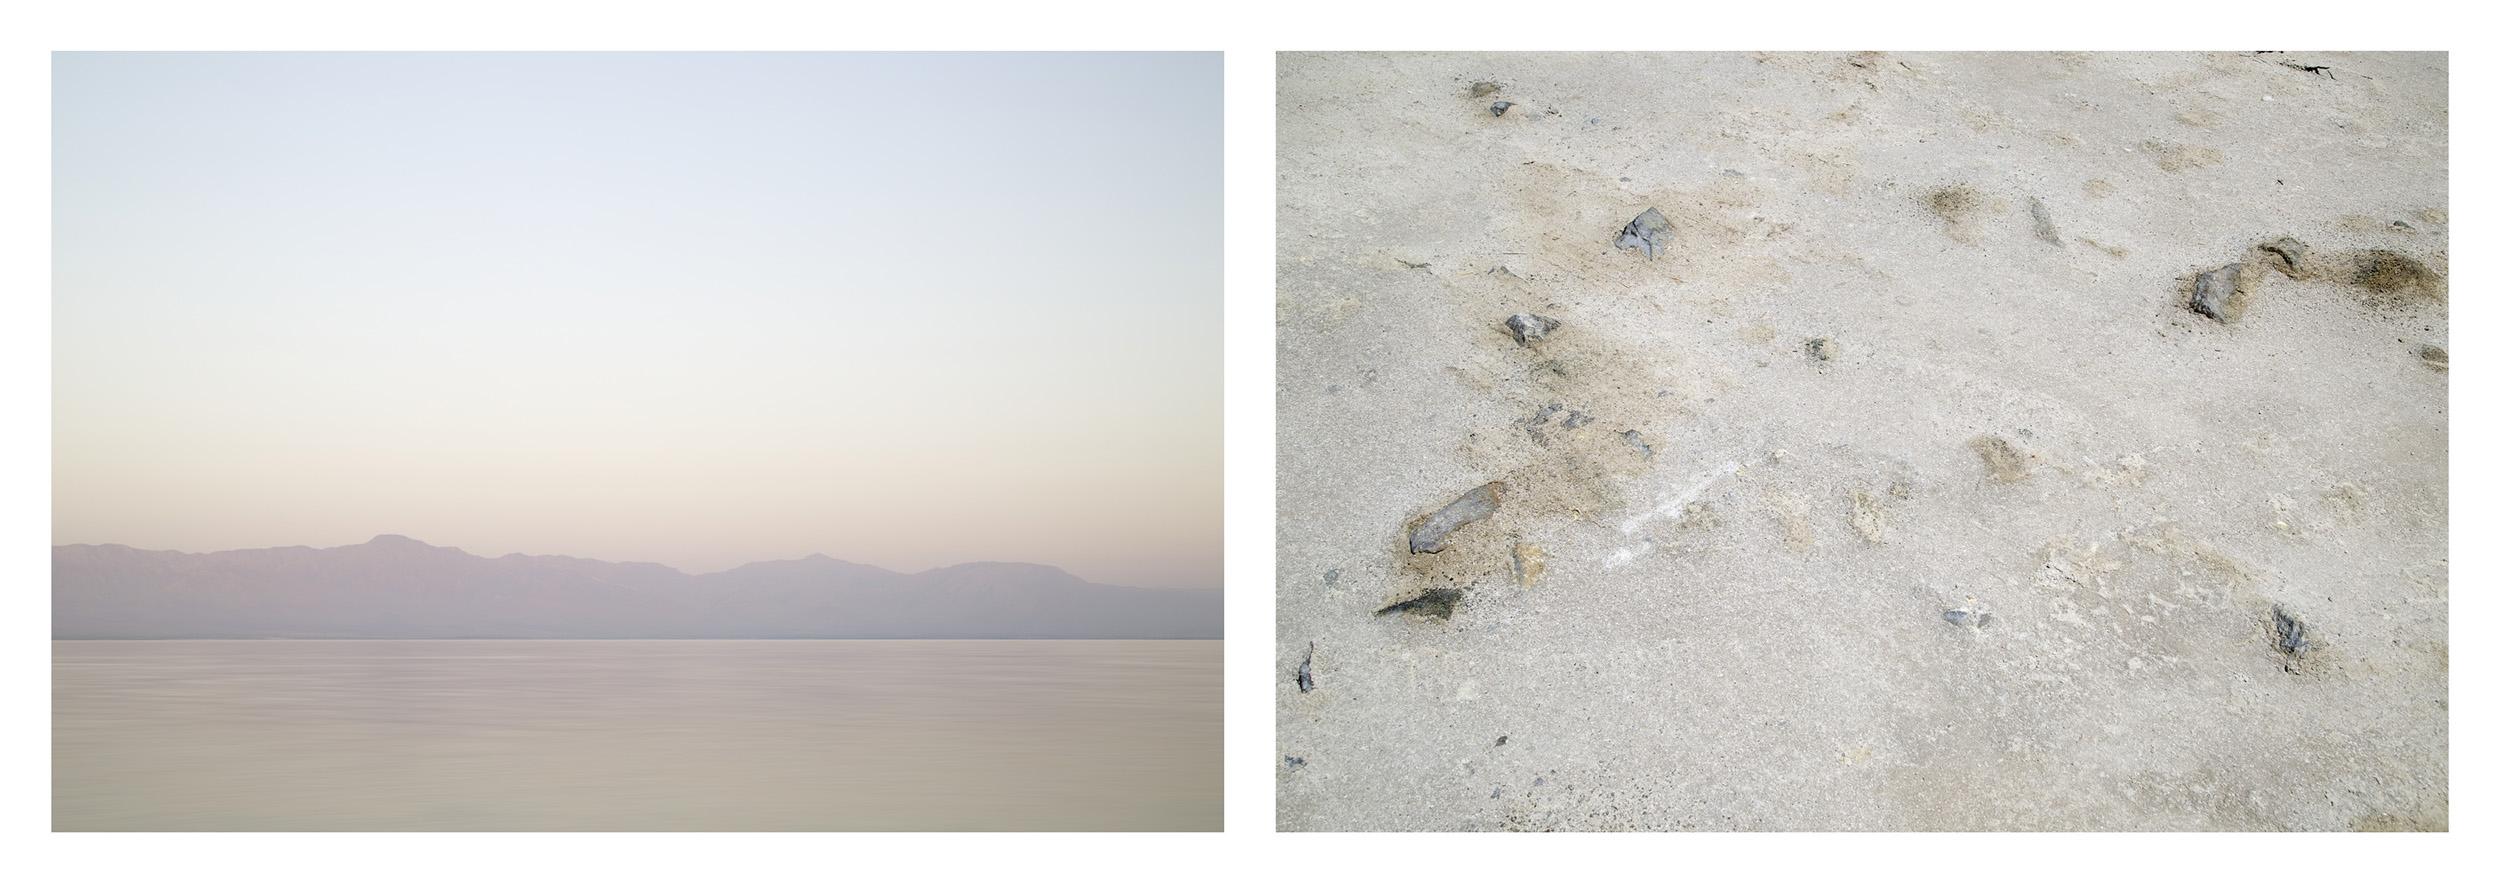 Salton Sea No. 3,  California,2014